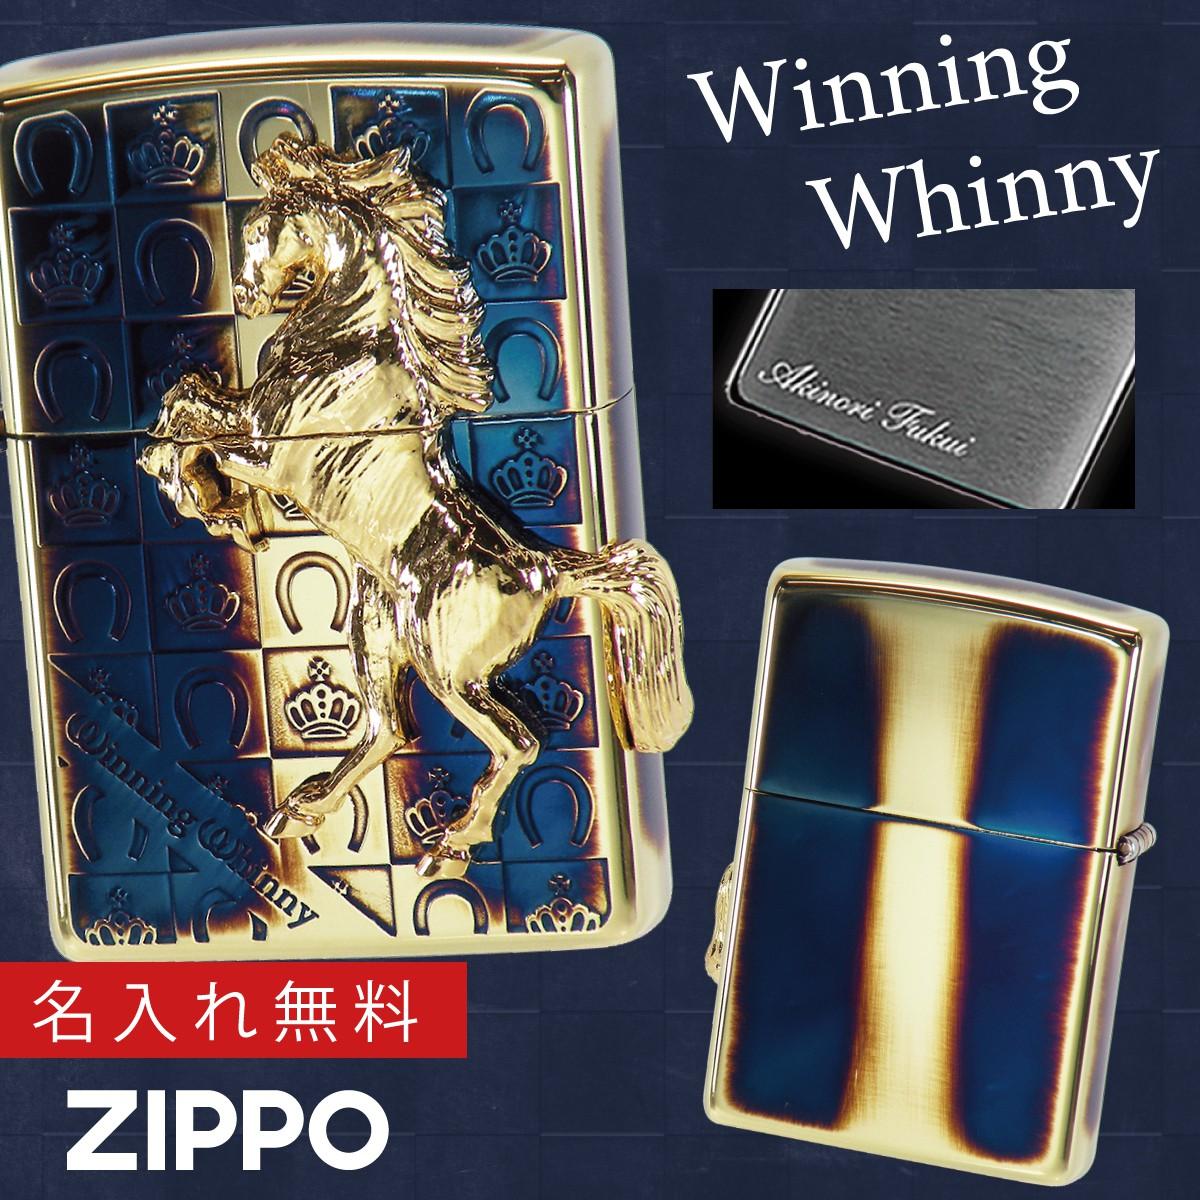 zippo ジッポーライター 馬 ウィニングウィニー グランドクラウン GDイブシ ギフト プレゼント 贈り物 返品不可 オイルライター ジッポライター 彼氏 男性 メンズ 喫煙具